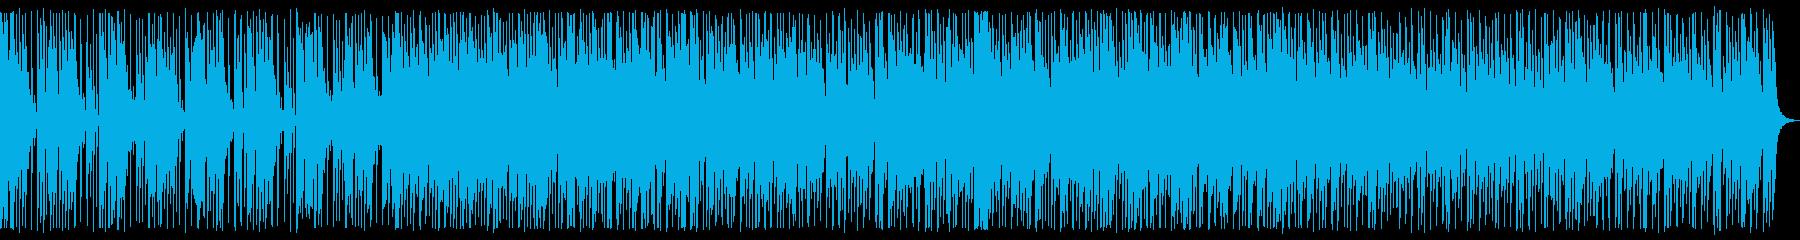 爽やか/ポップス_No596_3の再生済みの波形